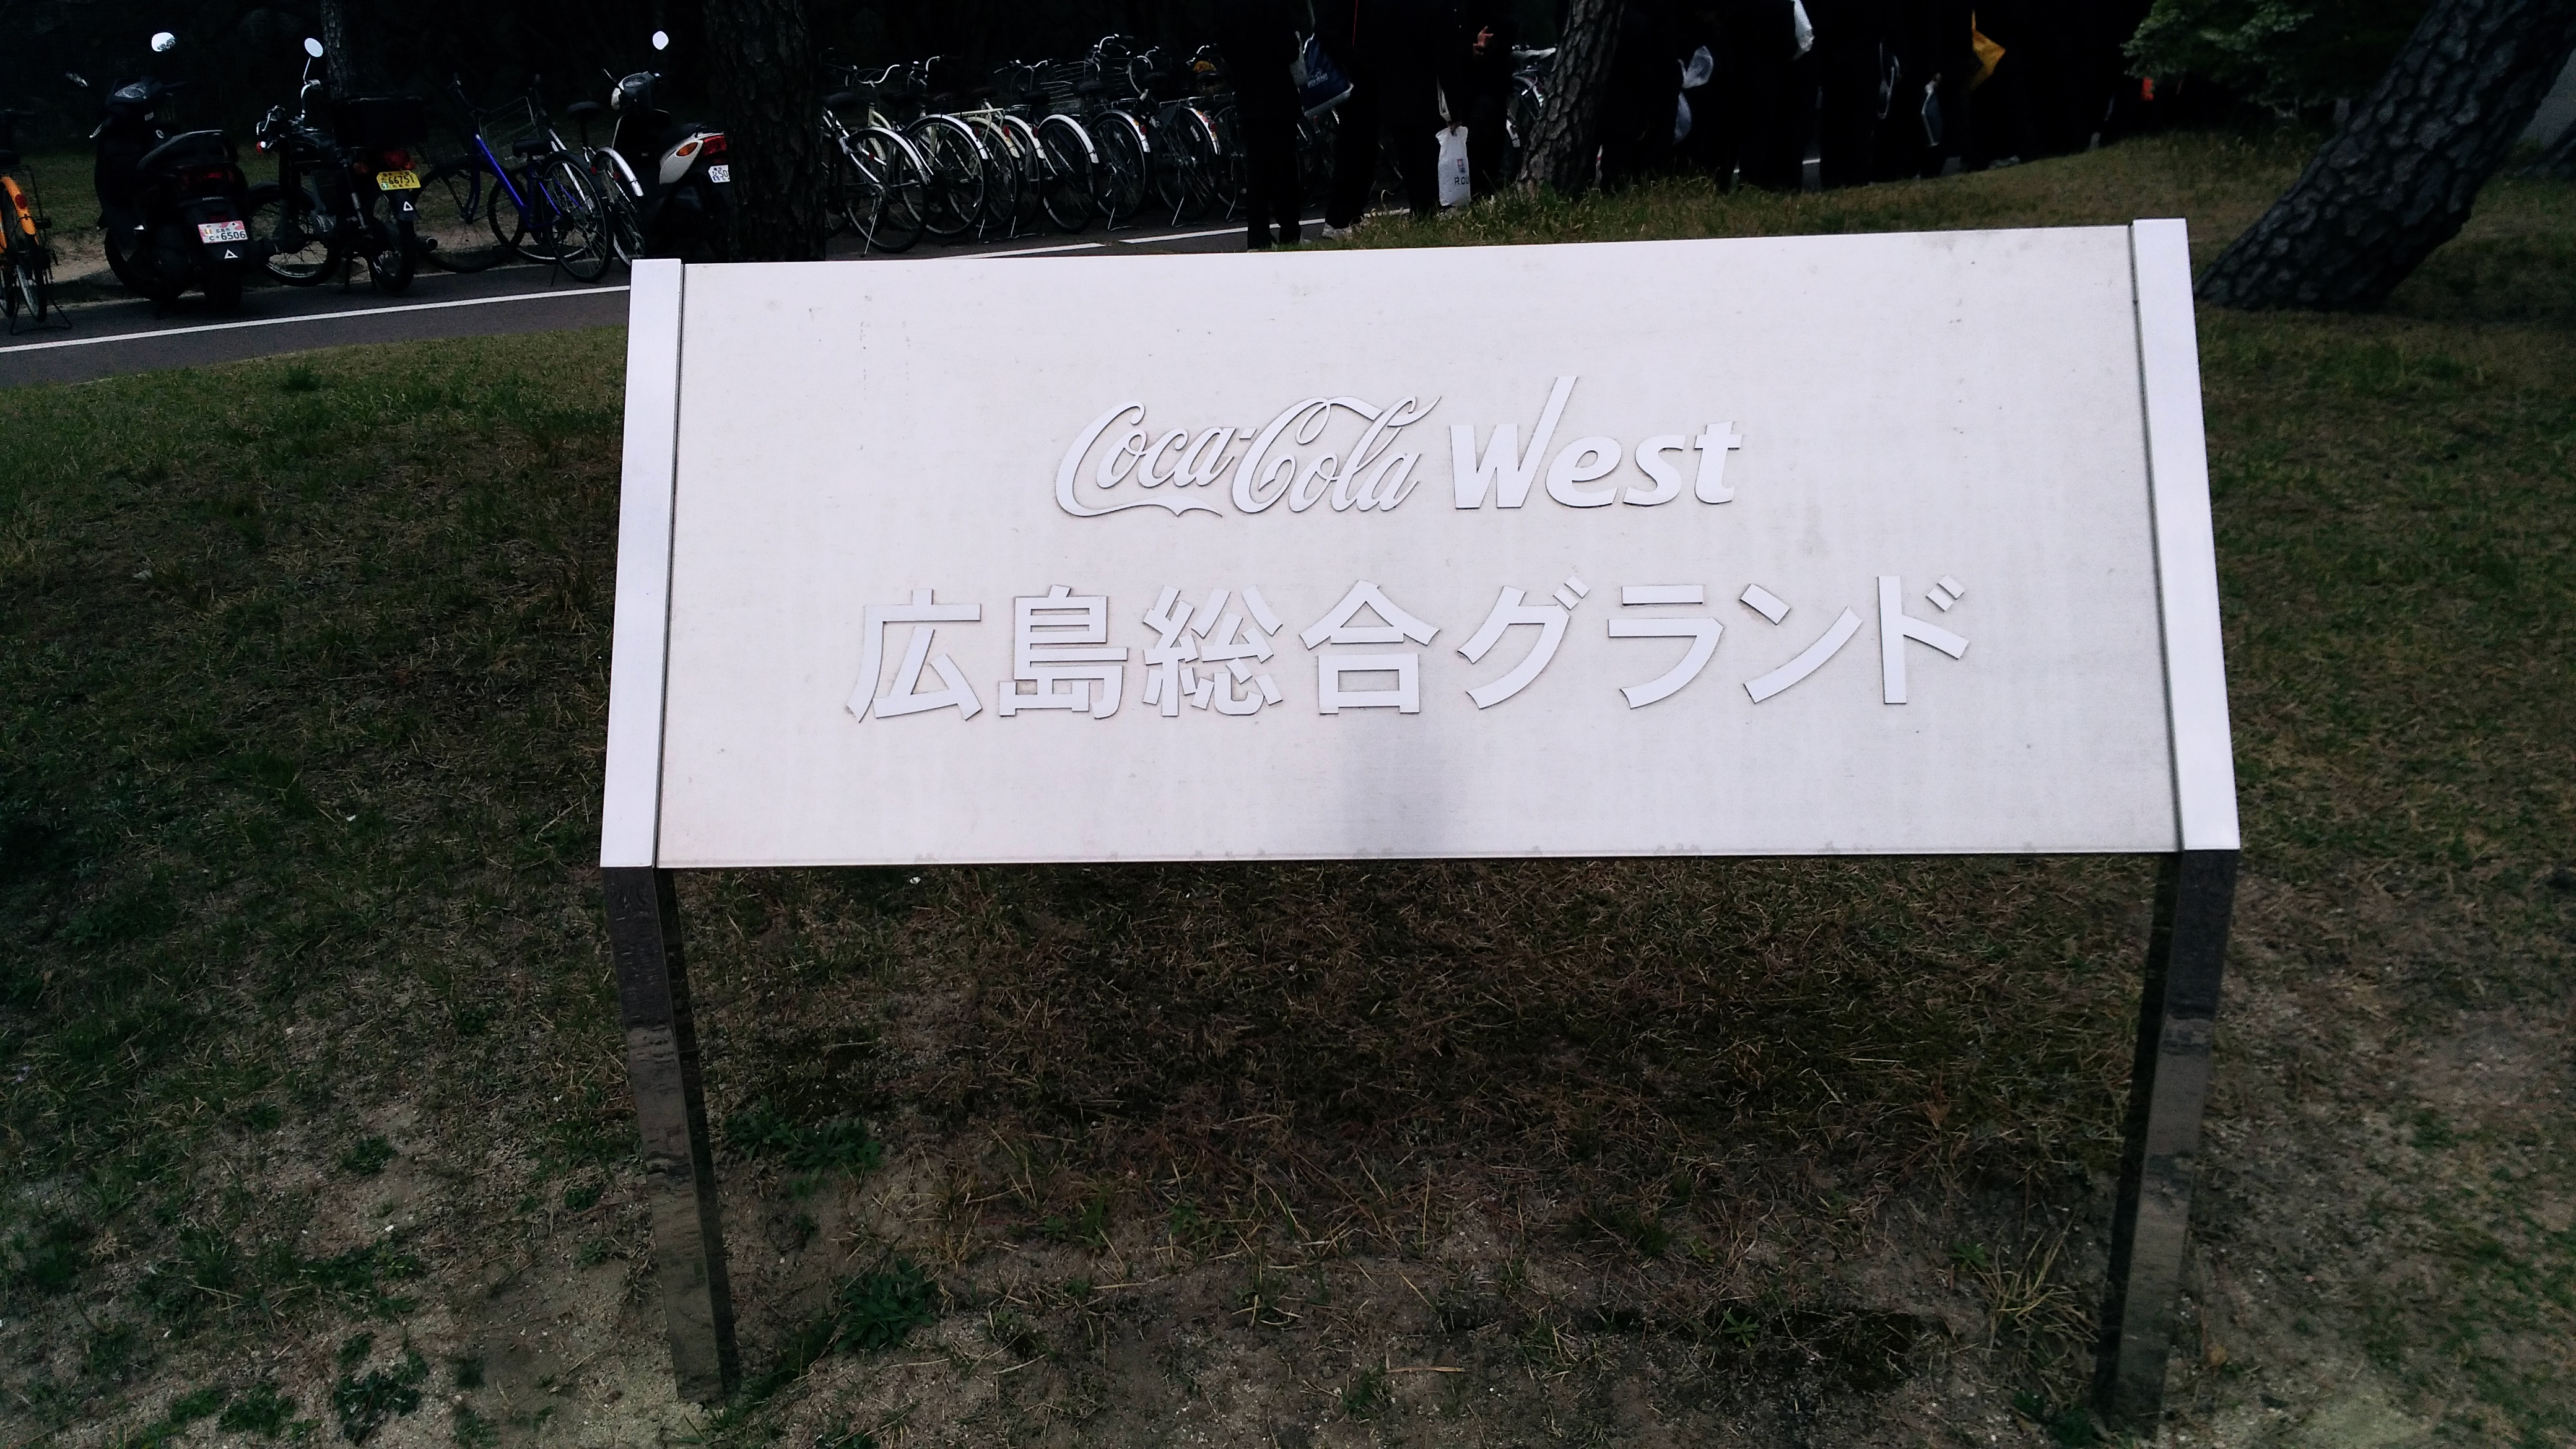 広島カープの本拠地だったこともある【コカ・コーラ ウェスト 野球場】で、春の広島県高校野球大会を観戦しました!